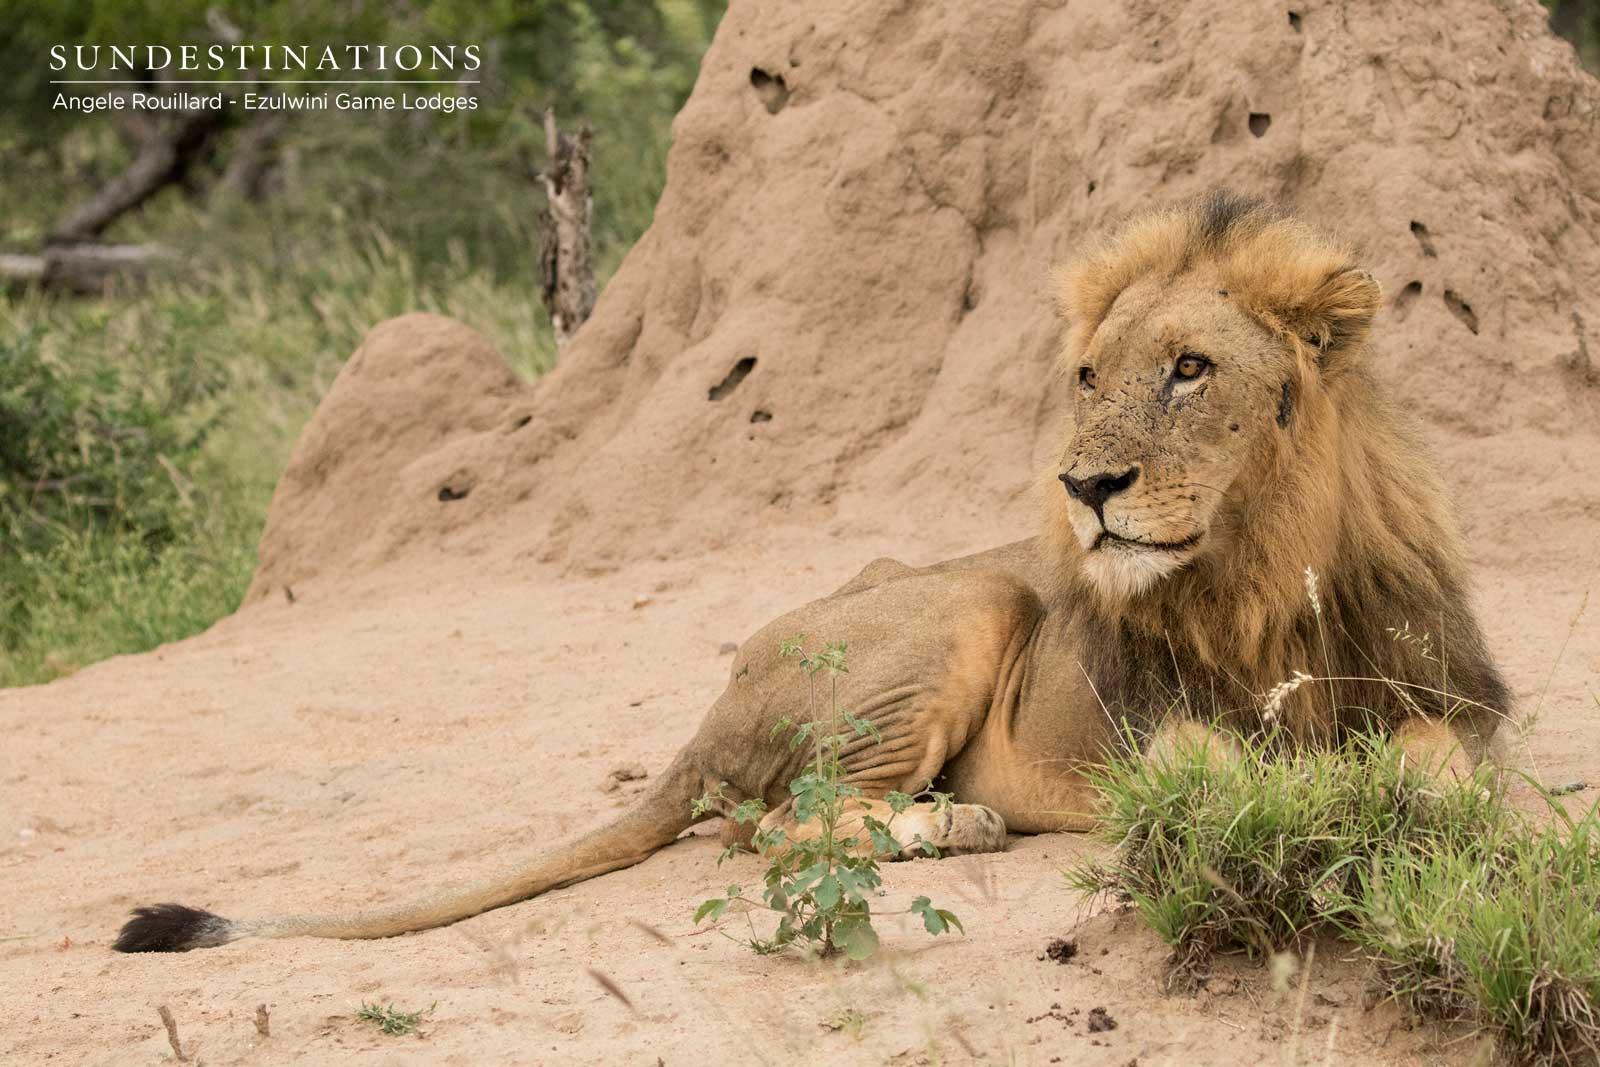 Machaton Lions - Ezulwini